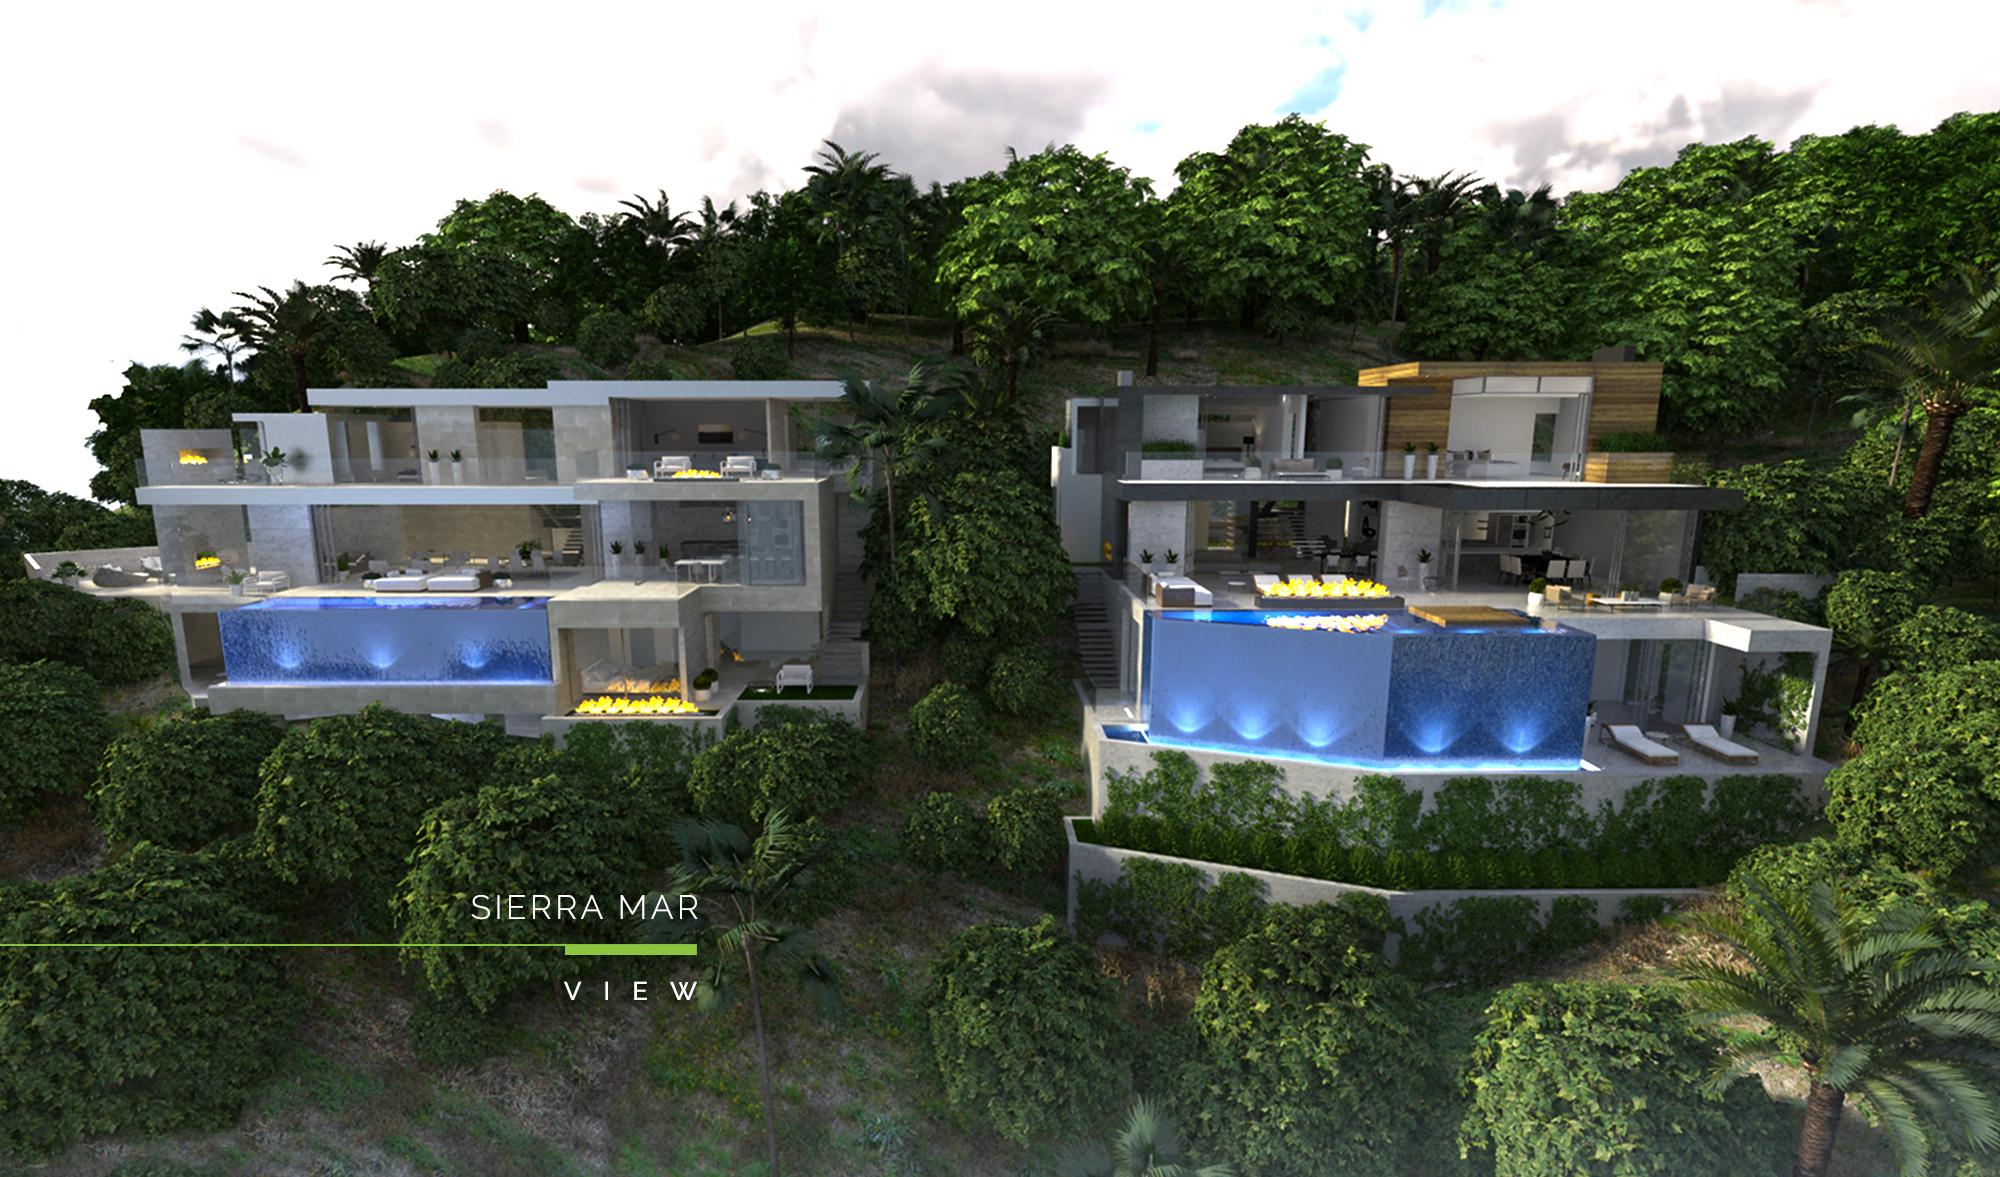 Sierra Mar .jpg